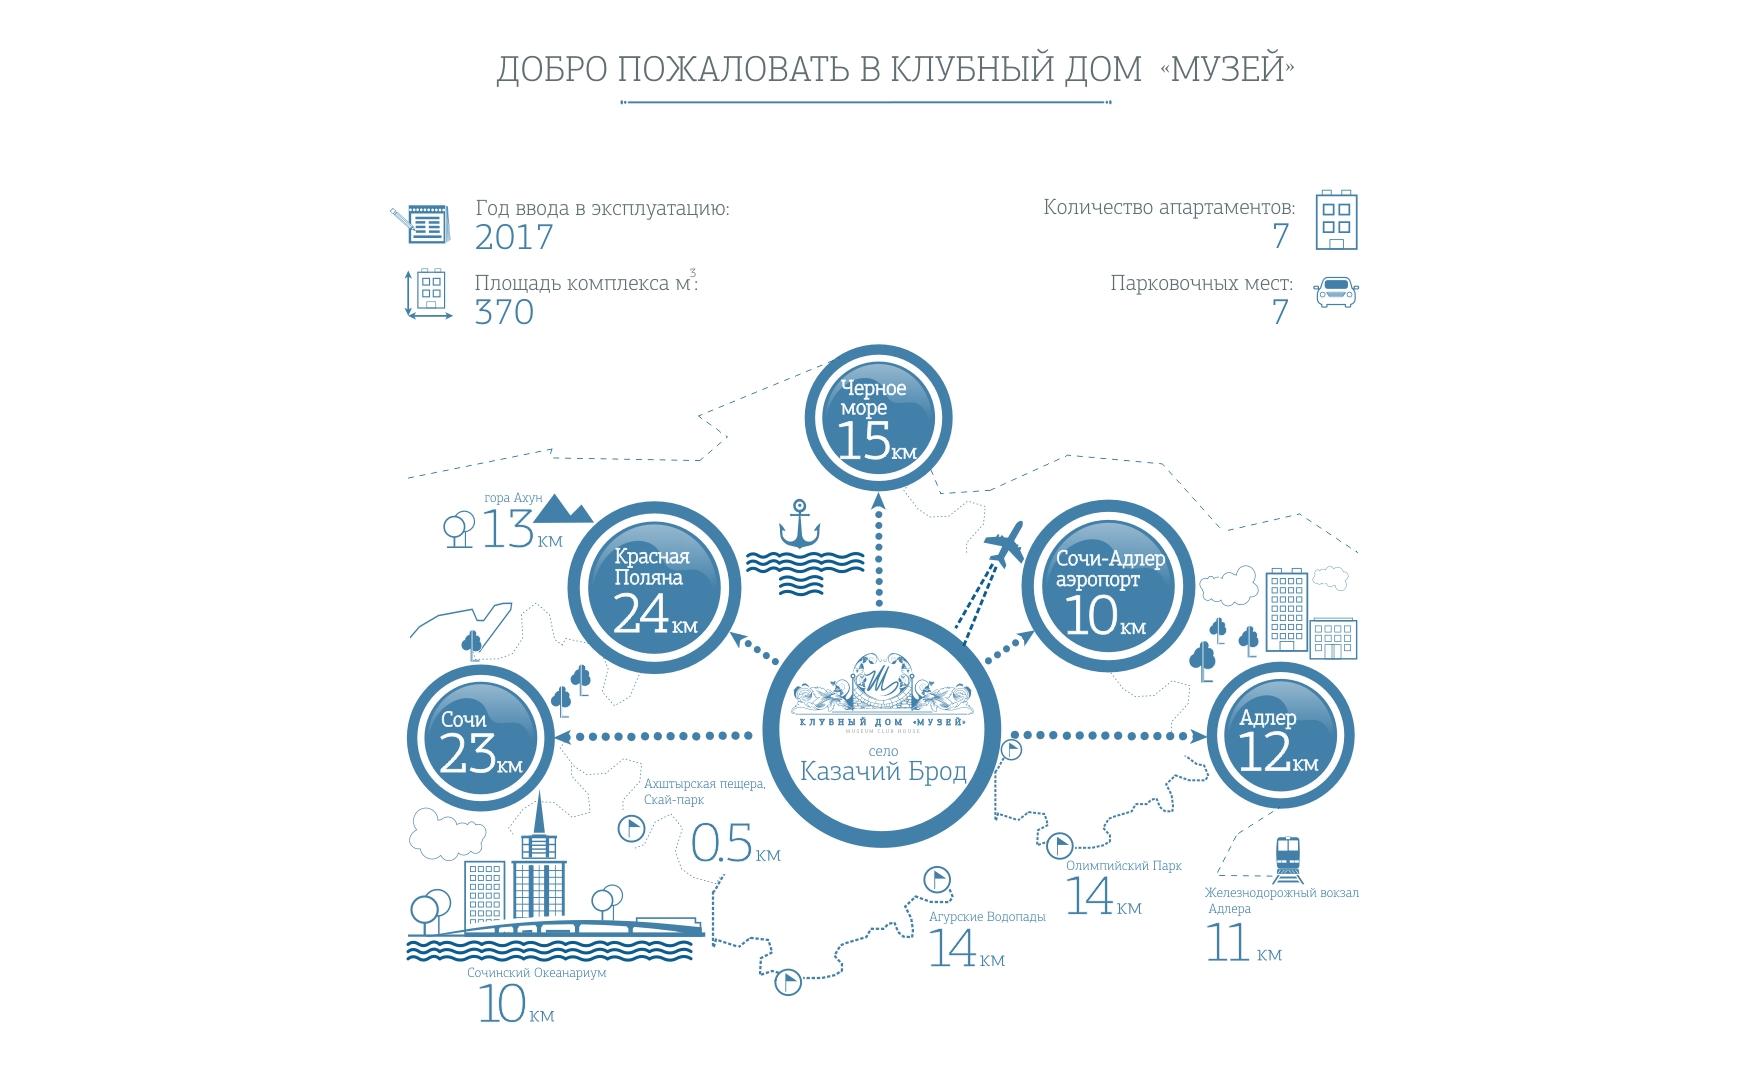 сочи айдентика отель инфографика